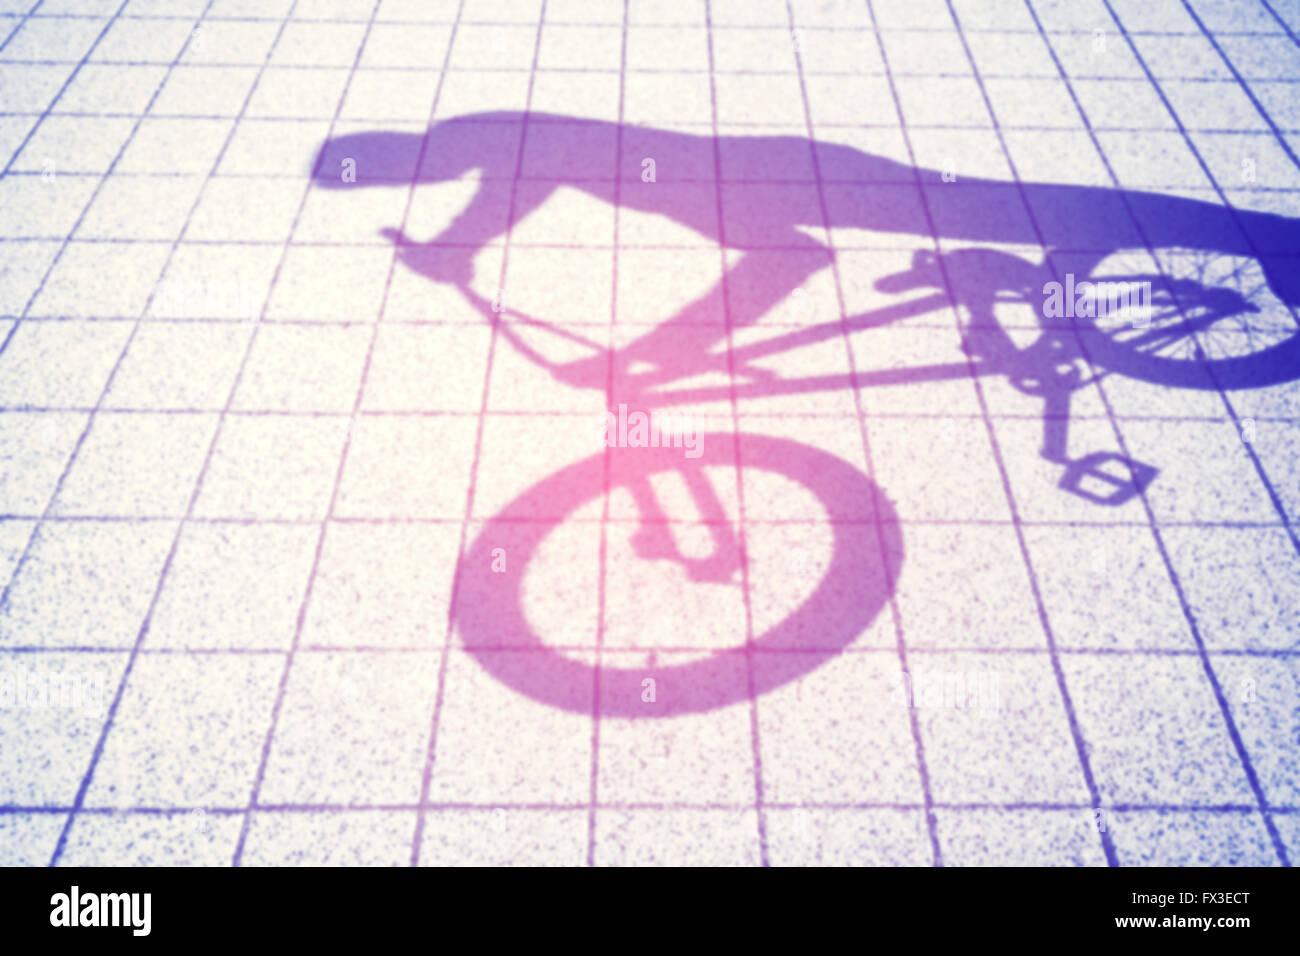 Ombre floue aux couleurs rétro d'un adolescent équitation un vélo BMX. Photo Stock